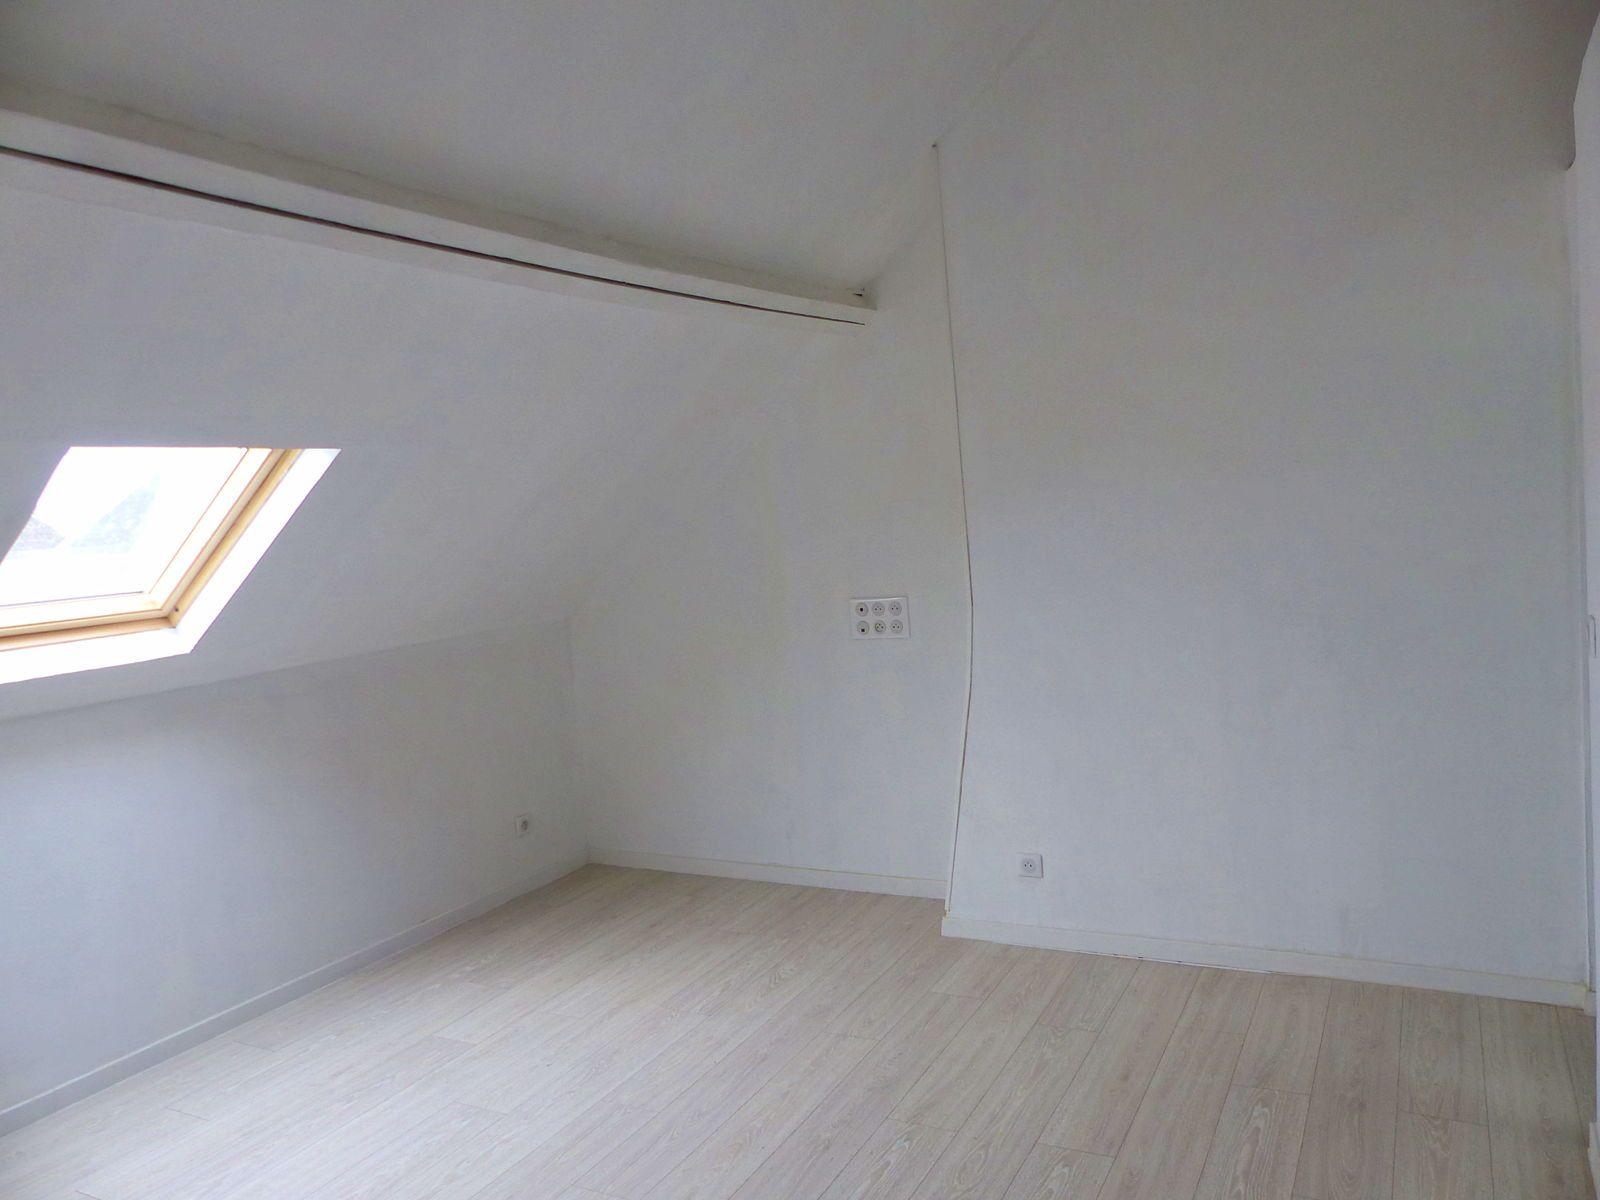 Loue studio 25m² - 2ème étage Amiens